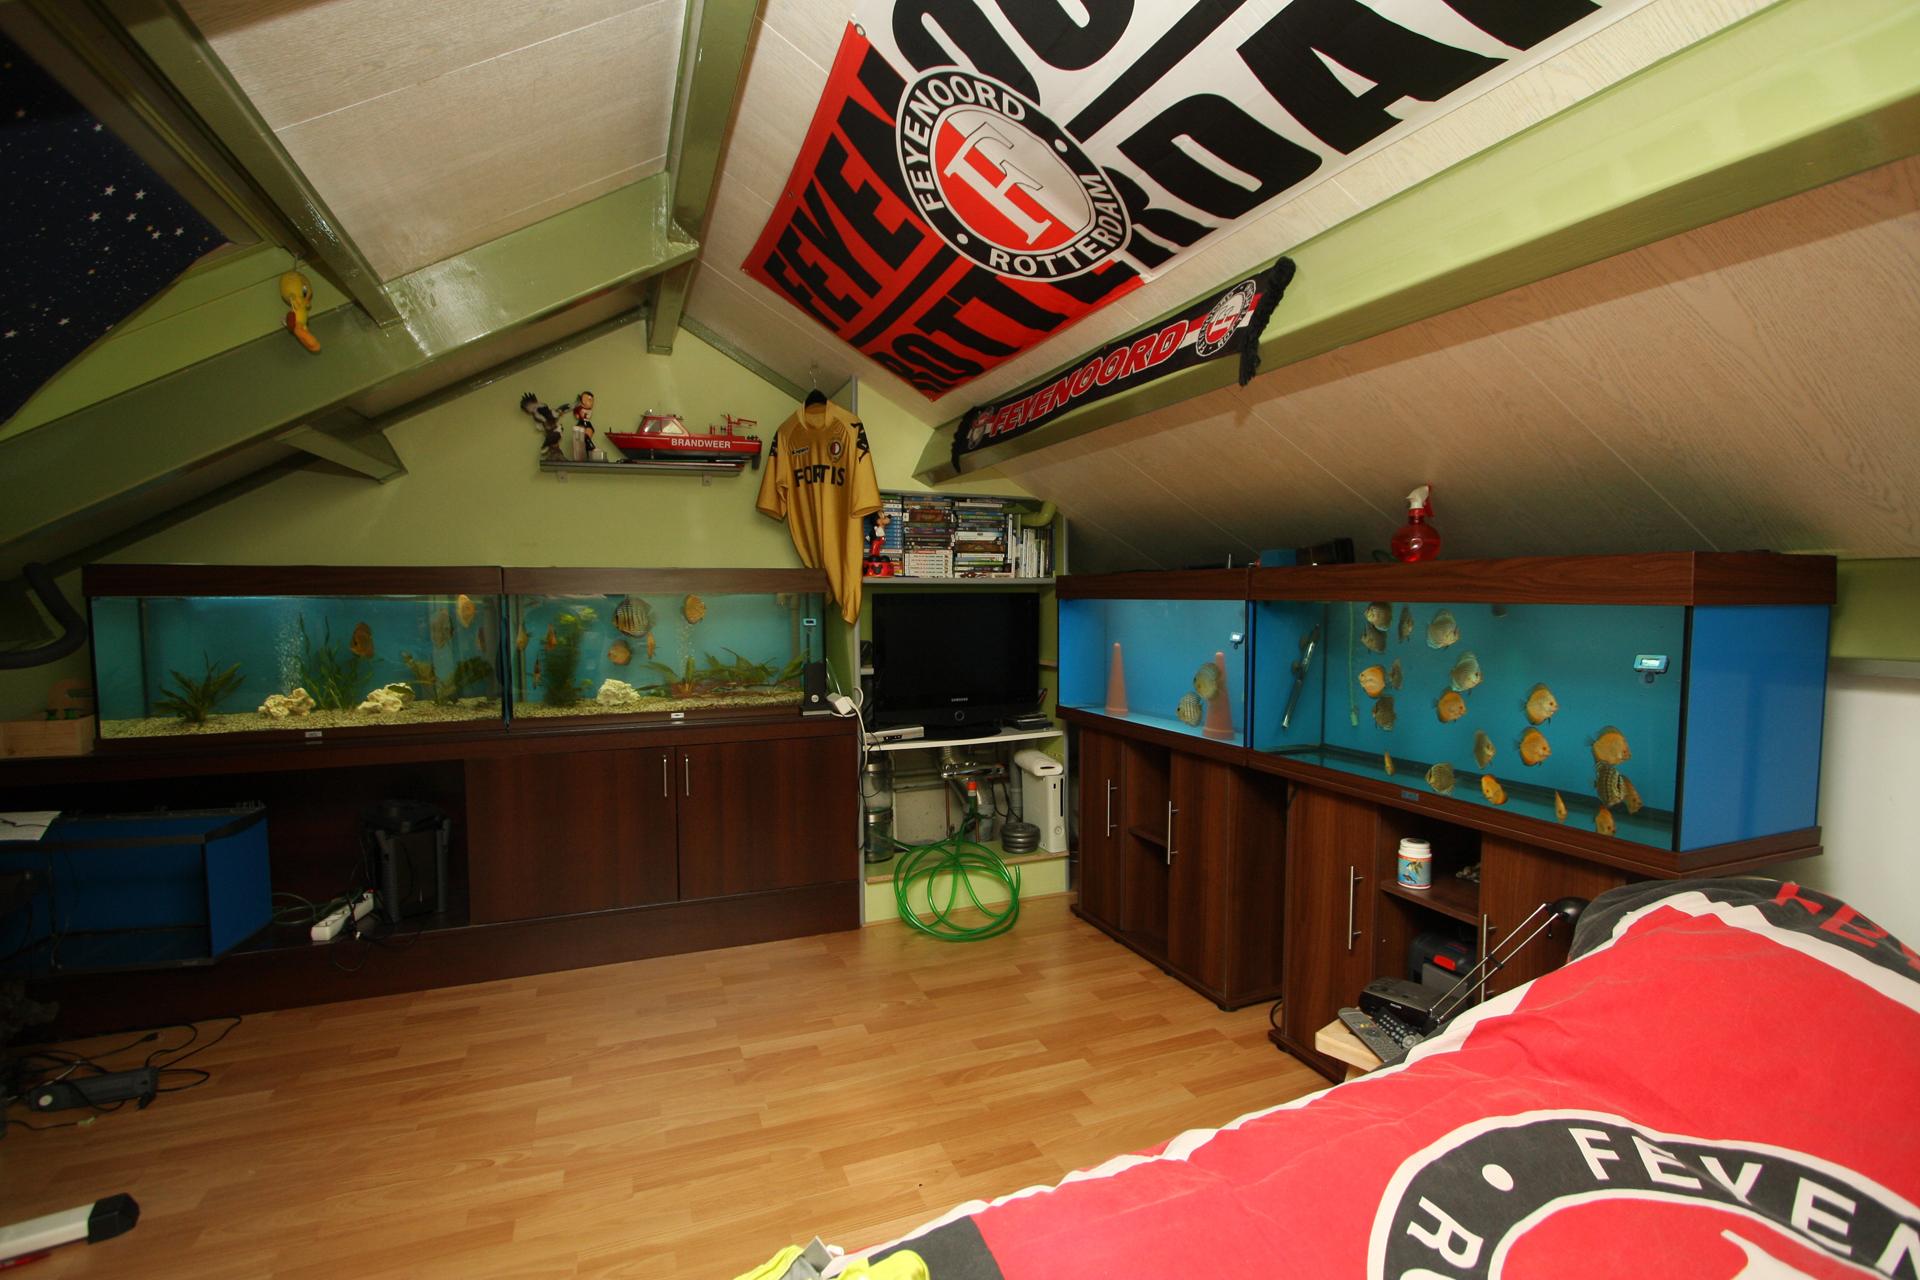 Aquarium fotografie voorbeeld foto: Groothoek opnamen van de discuszolder